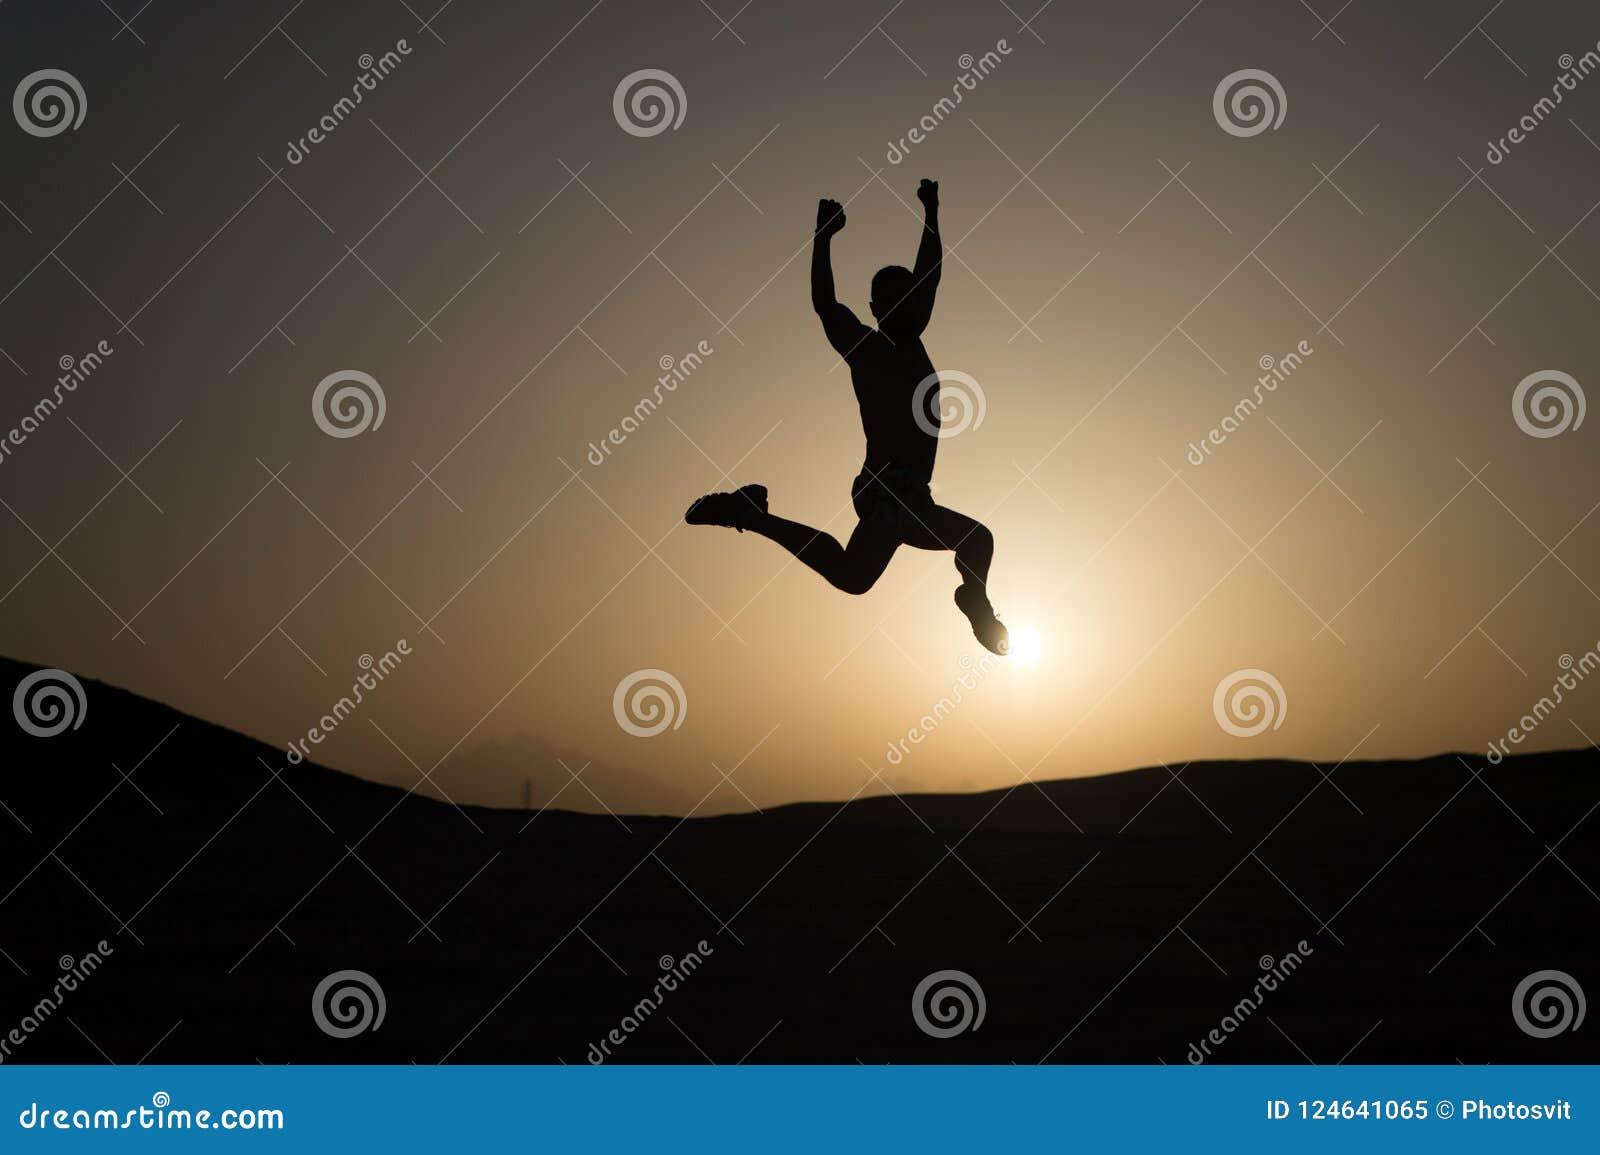 Mudanza Keep Salto del movimiento del hombre de la silueta delante del fondo del cielo de la puesta del sol Motivación diaria For